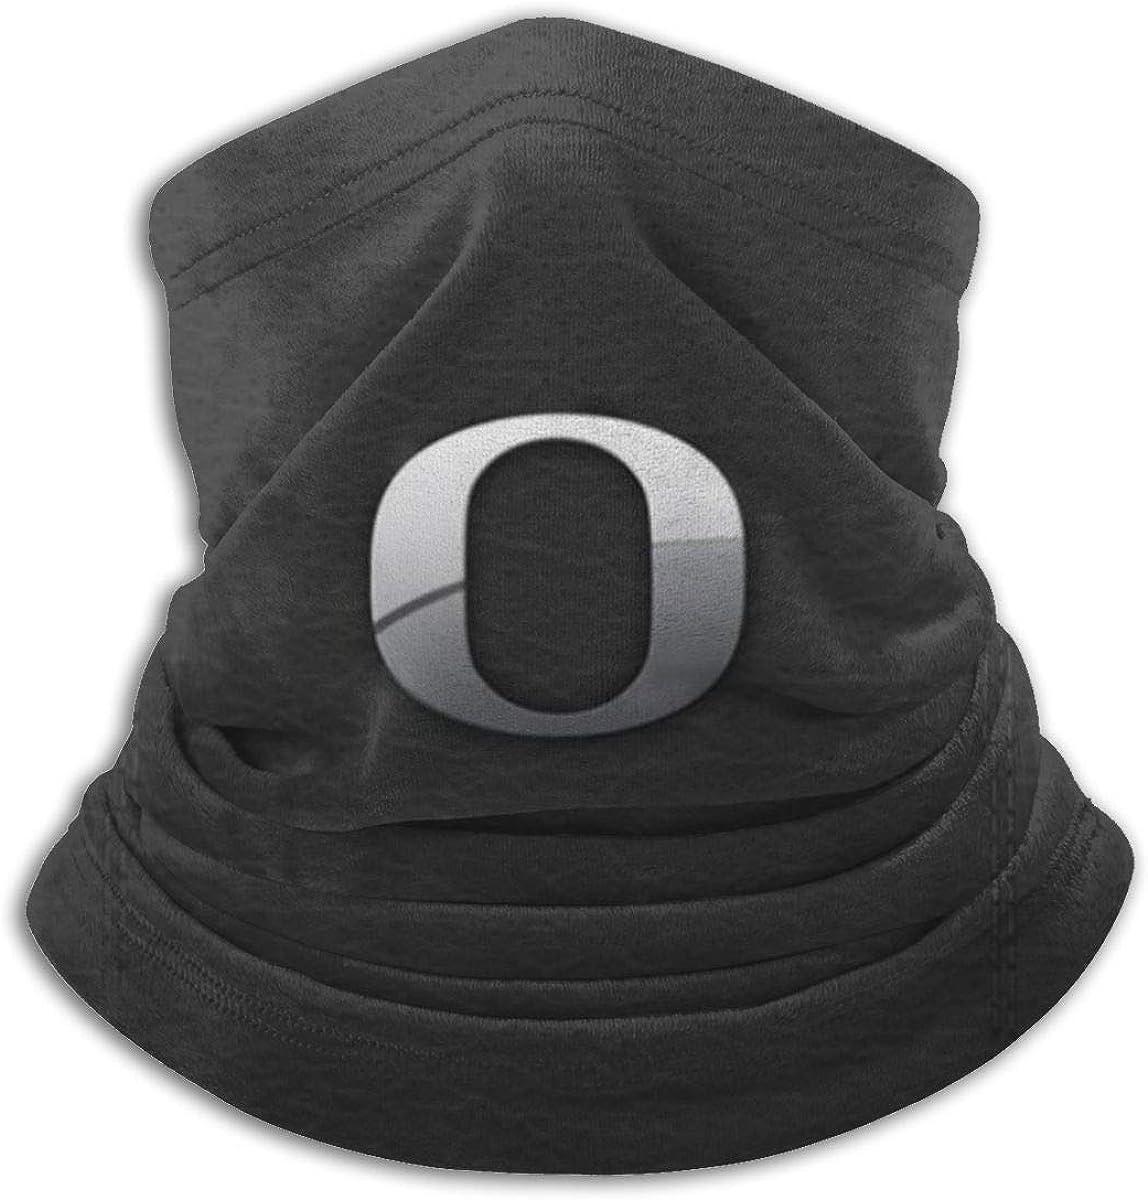 Oregon Ducks Neck Gaiter Masks Breathable Ski face Nose Covers for Men Women